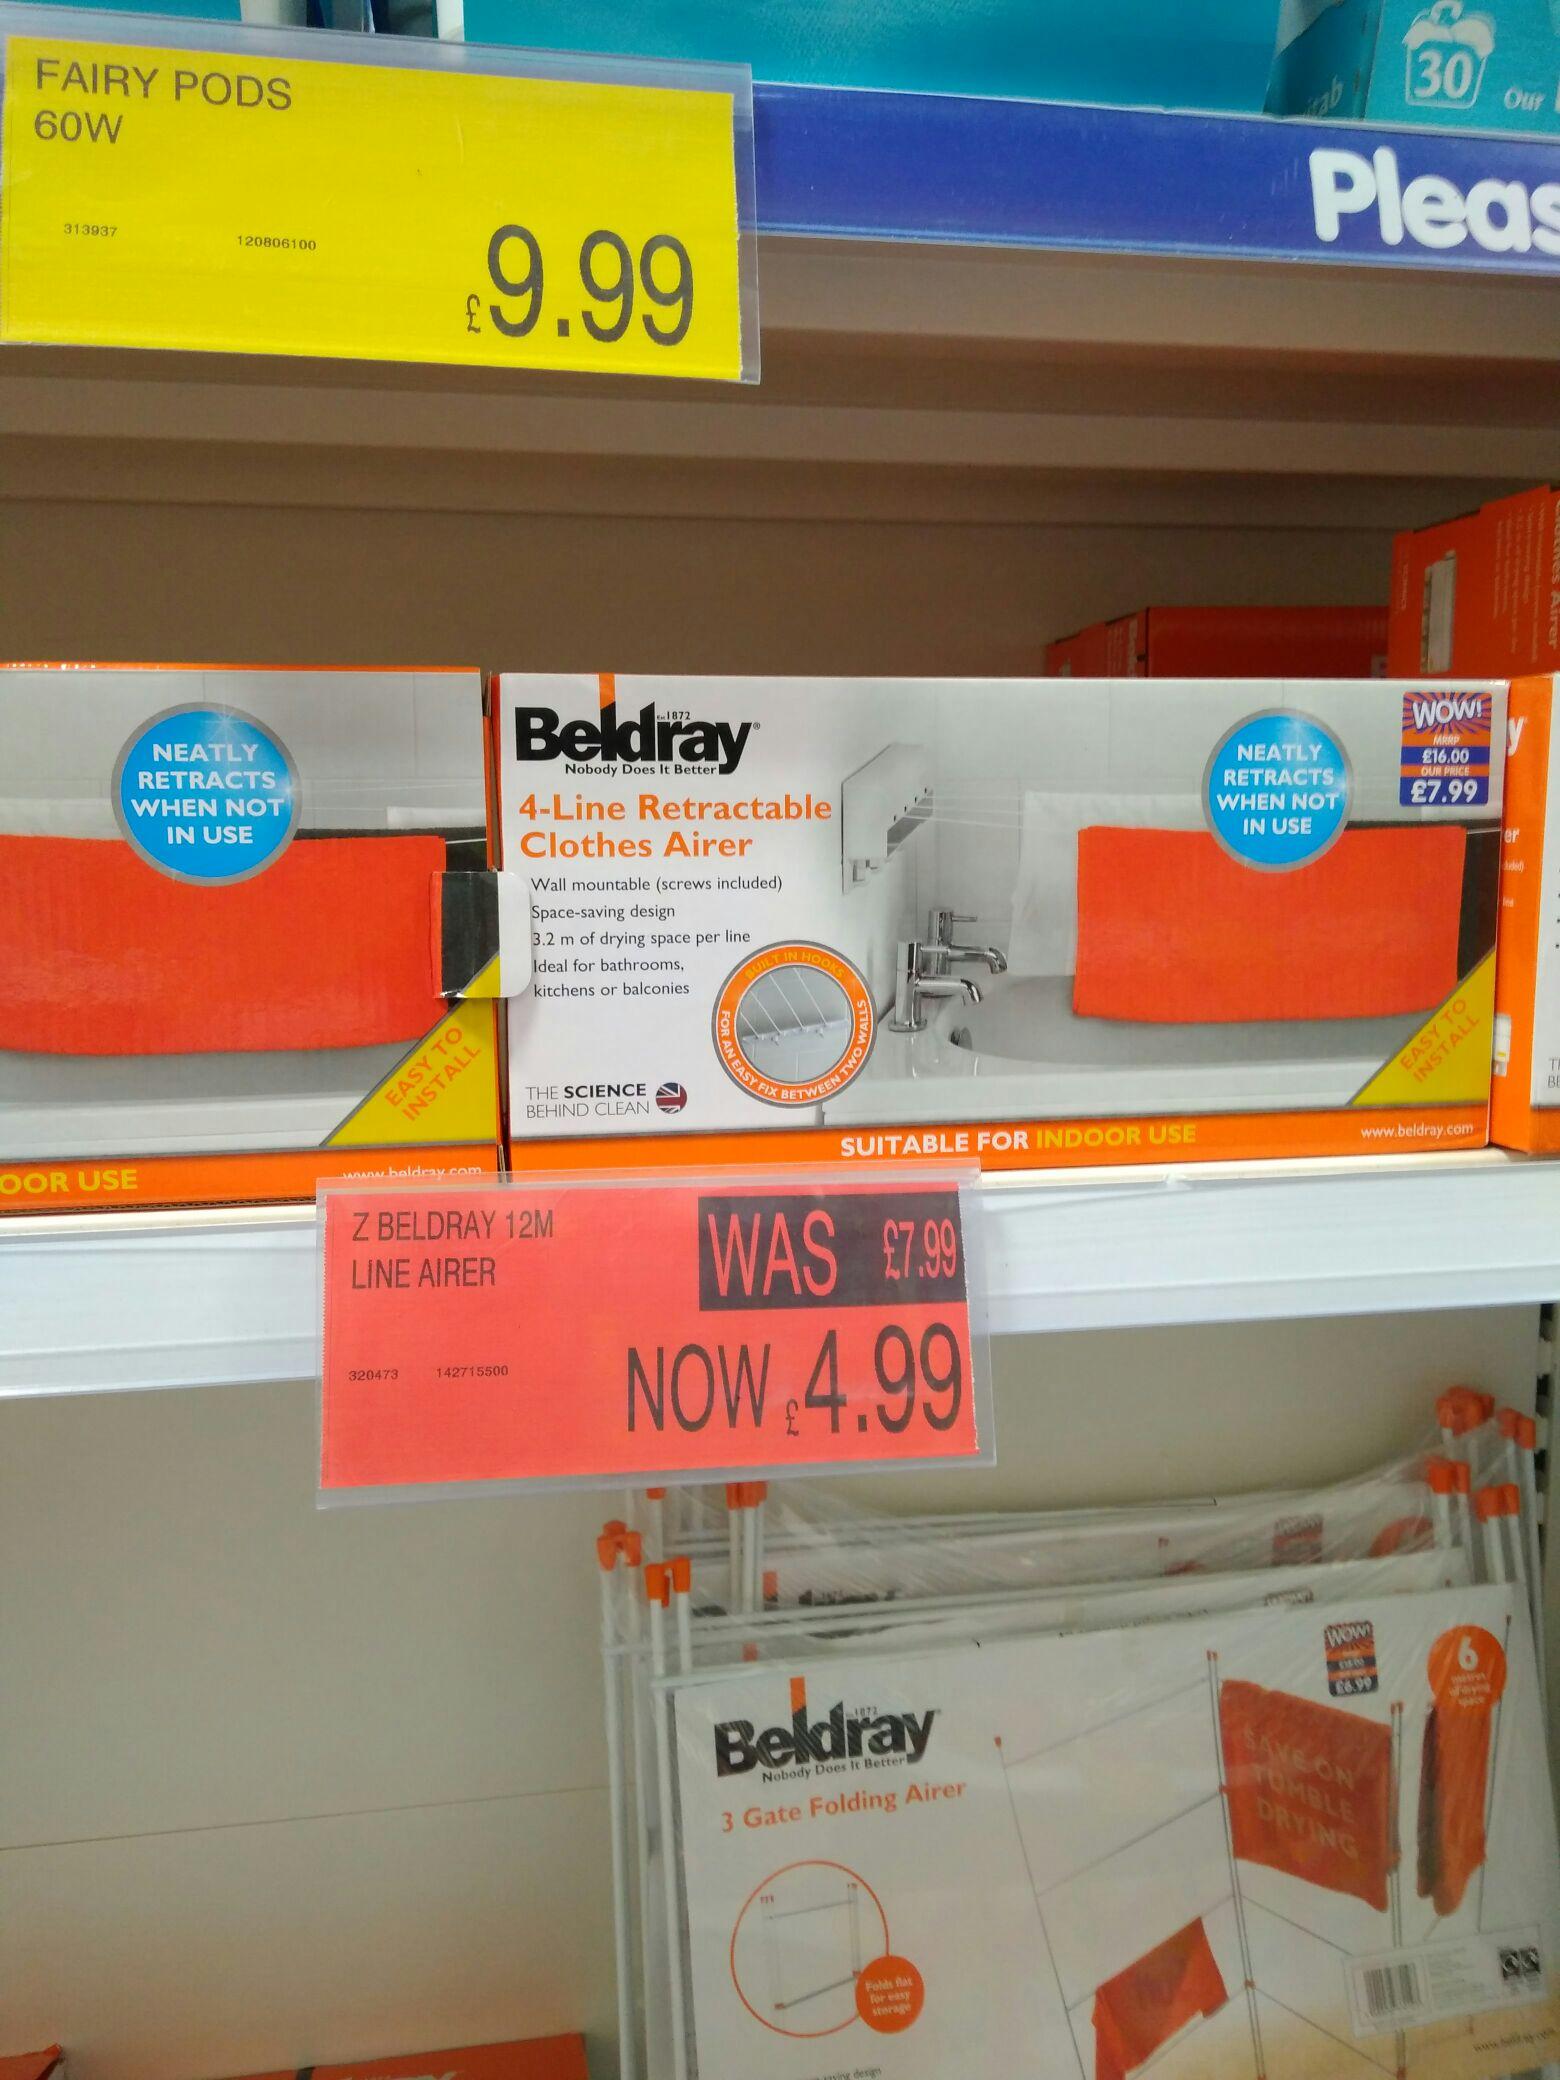 Indoor retractable 4 line dryer b&m cribbs Bristol for £4.99